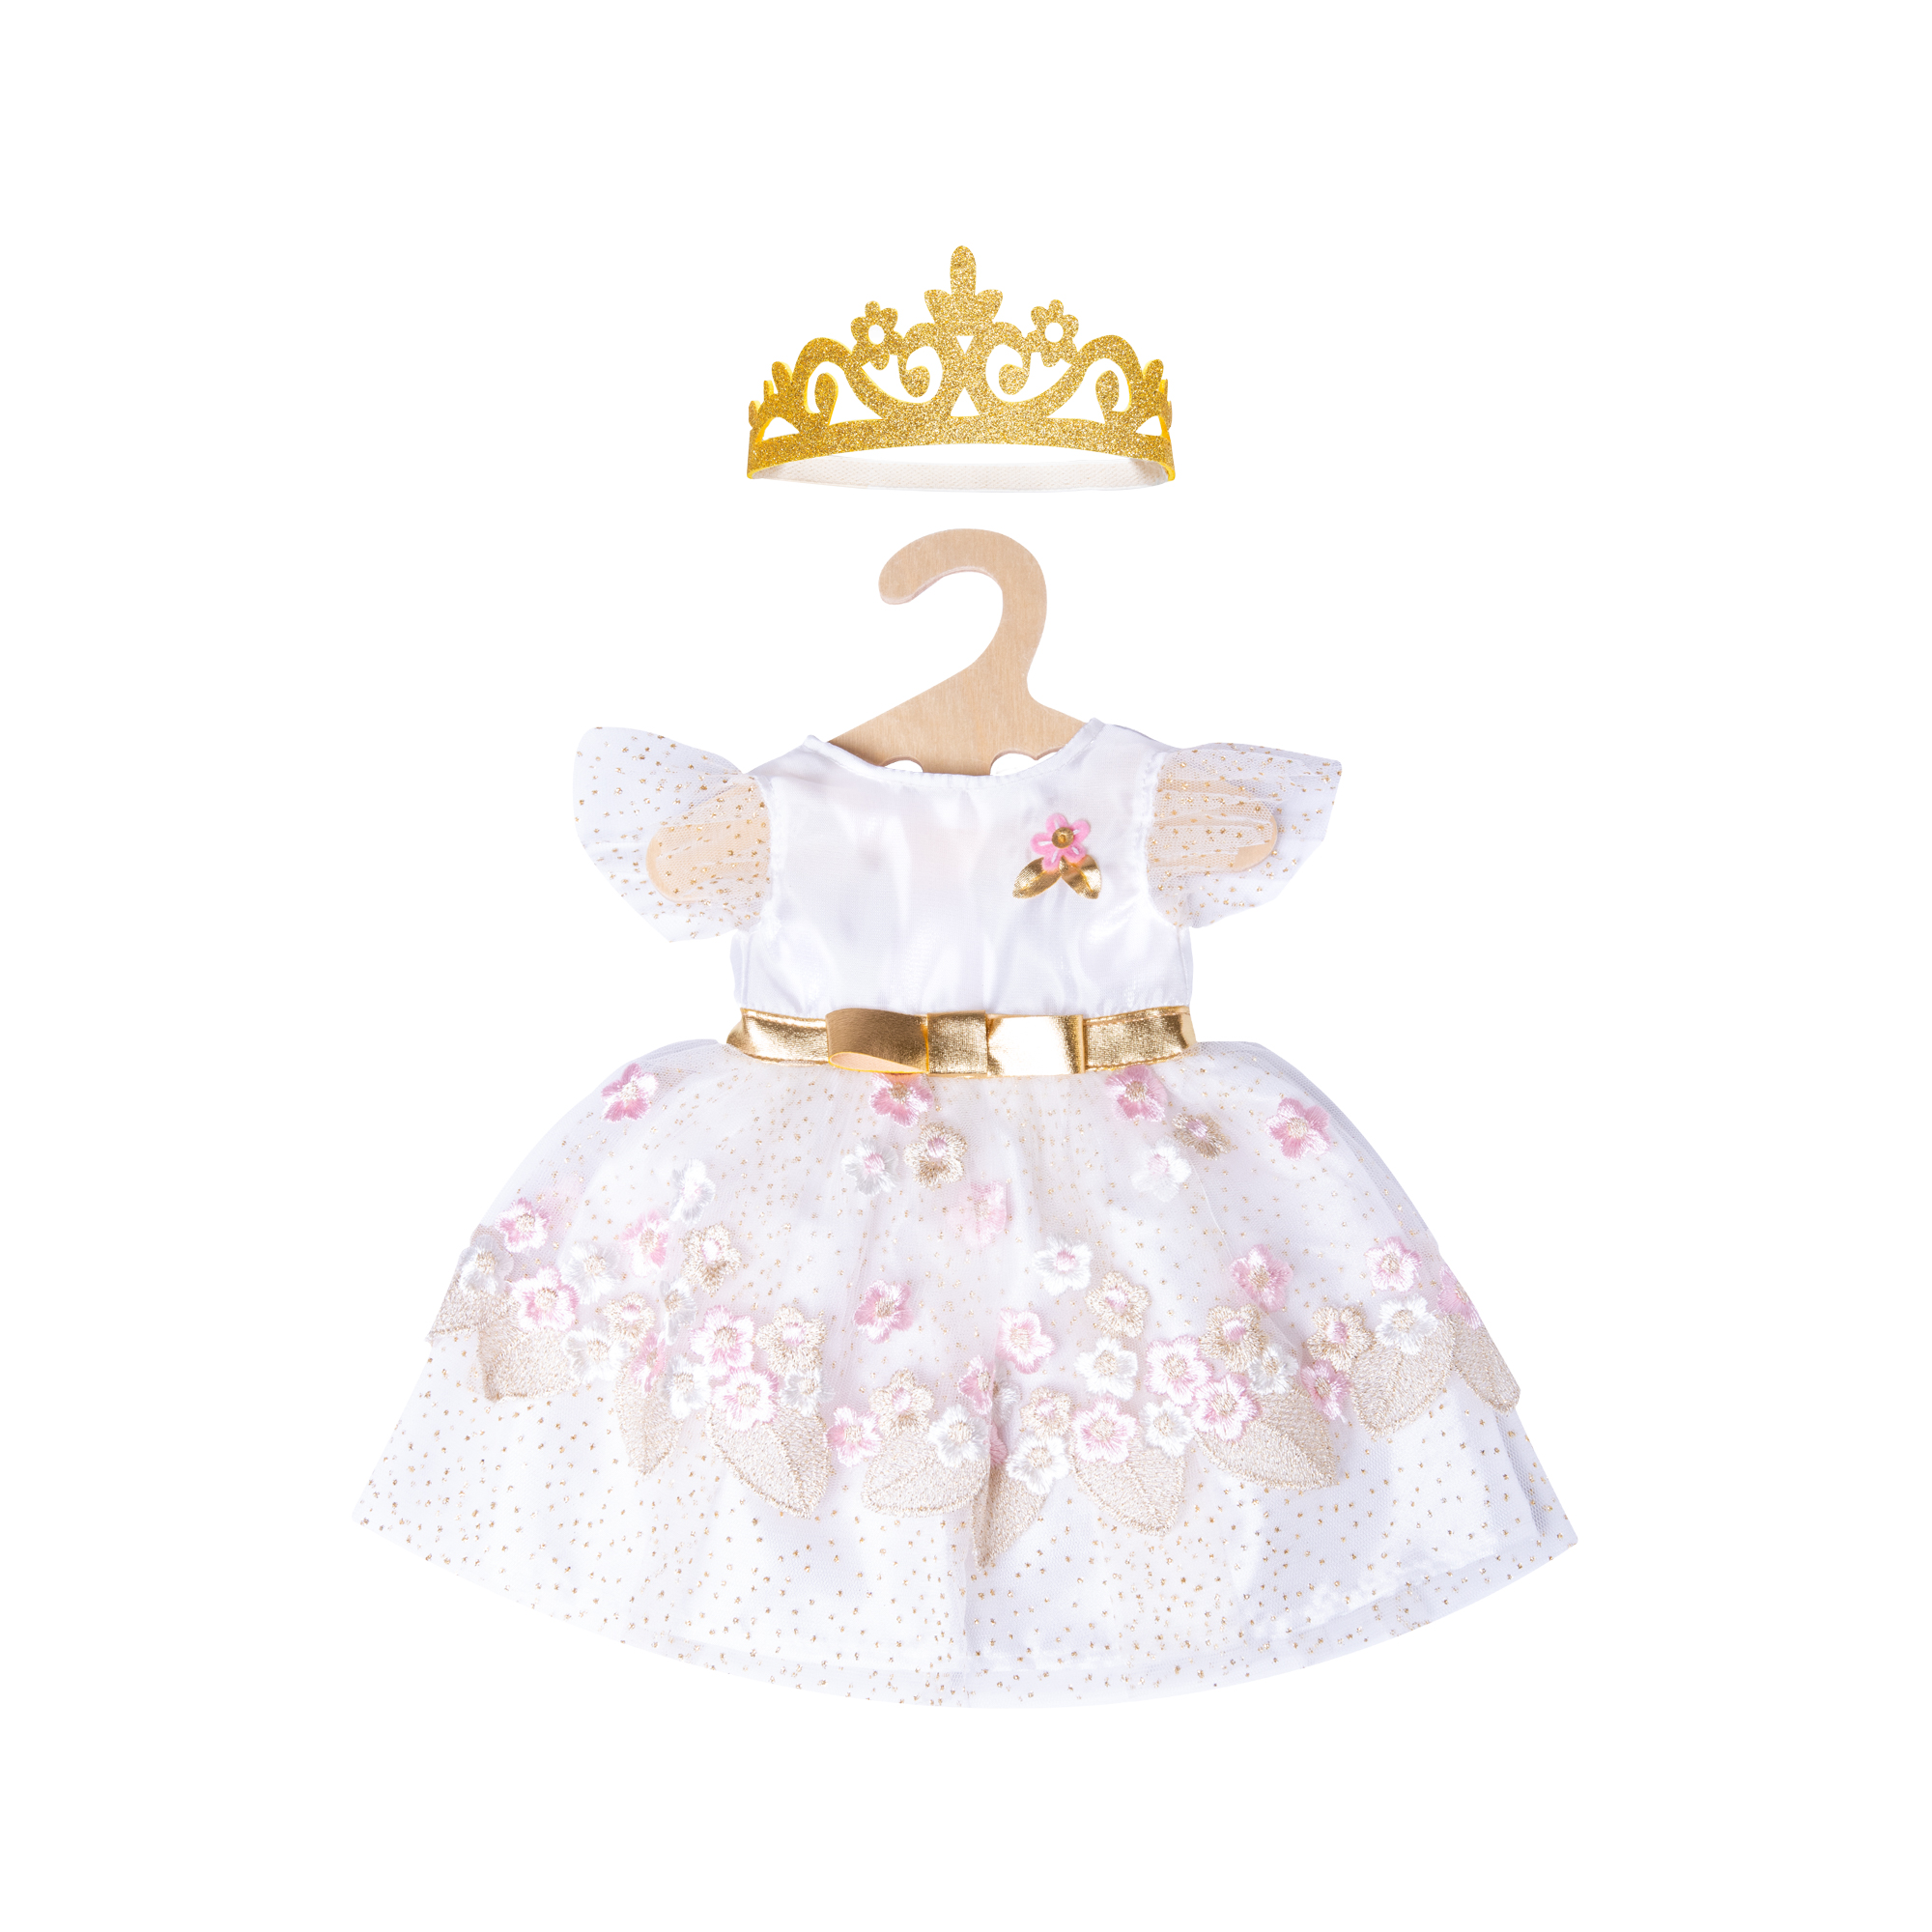 """Prinzessinnenkleid """"Kirschblüte"""" mit goldener Krone, Gr. 35-45 cm"""